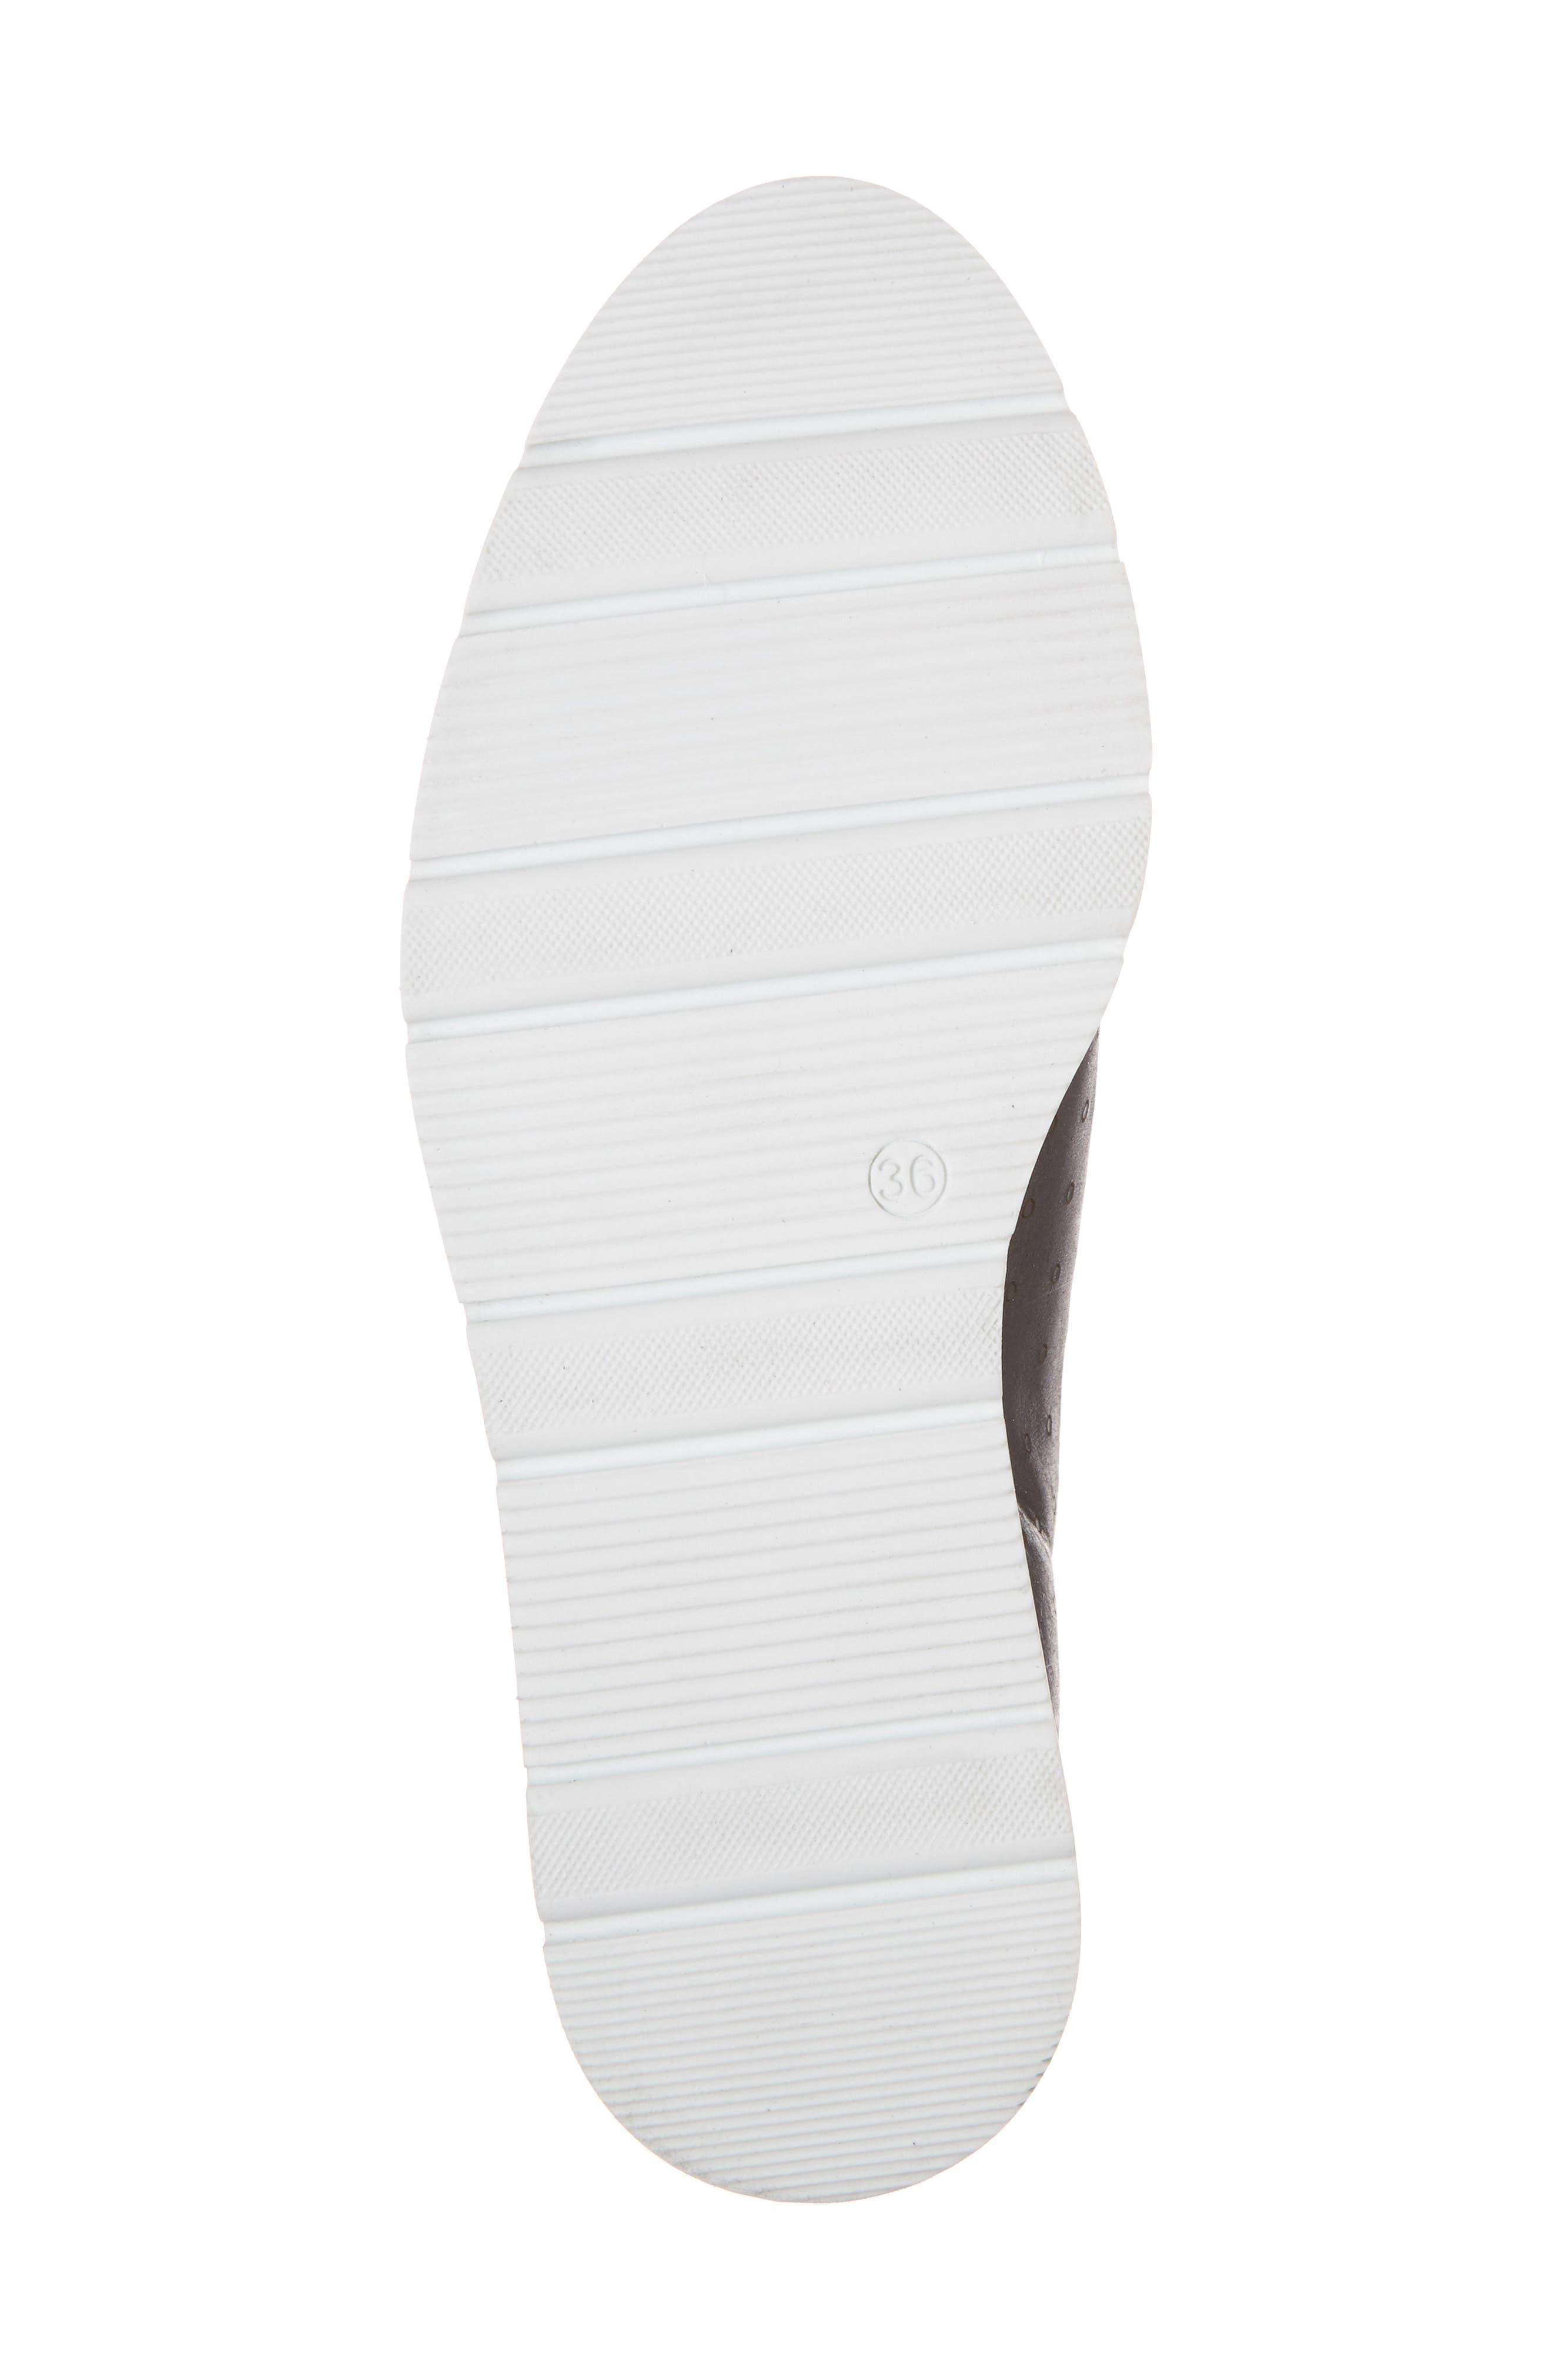 Leigh Slip-On Sneaker,                             Alternate thumbnail 6, color,                             BLACK GLAMOUR LEATHER